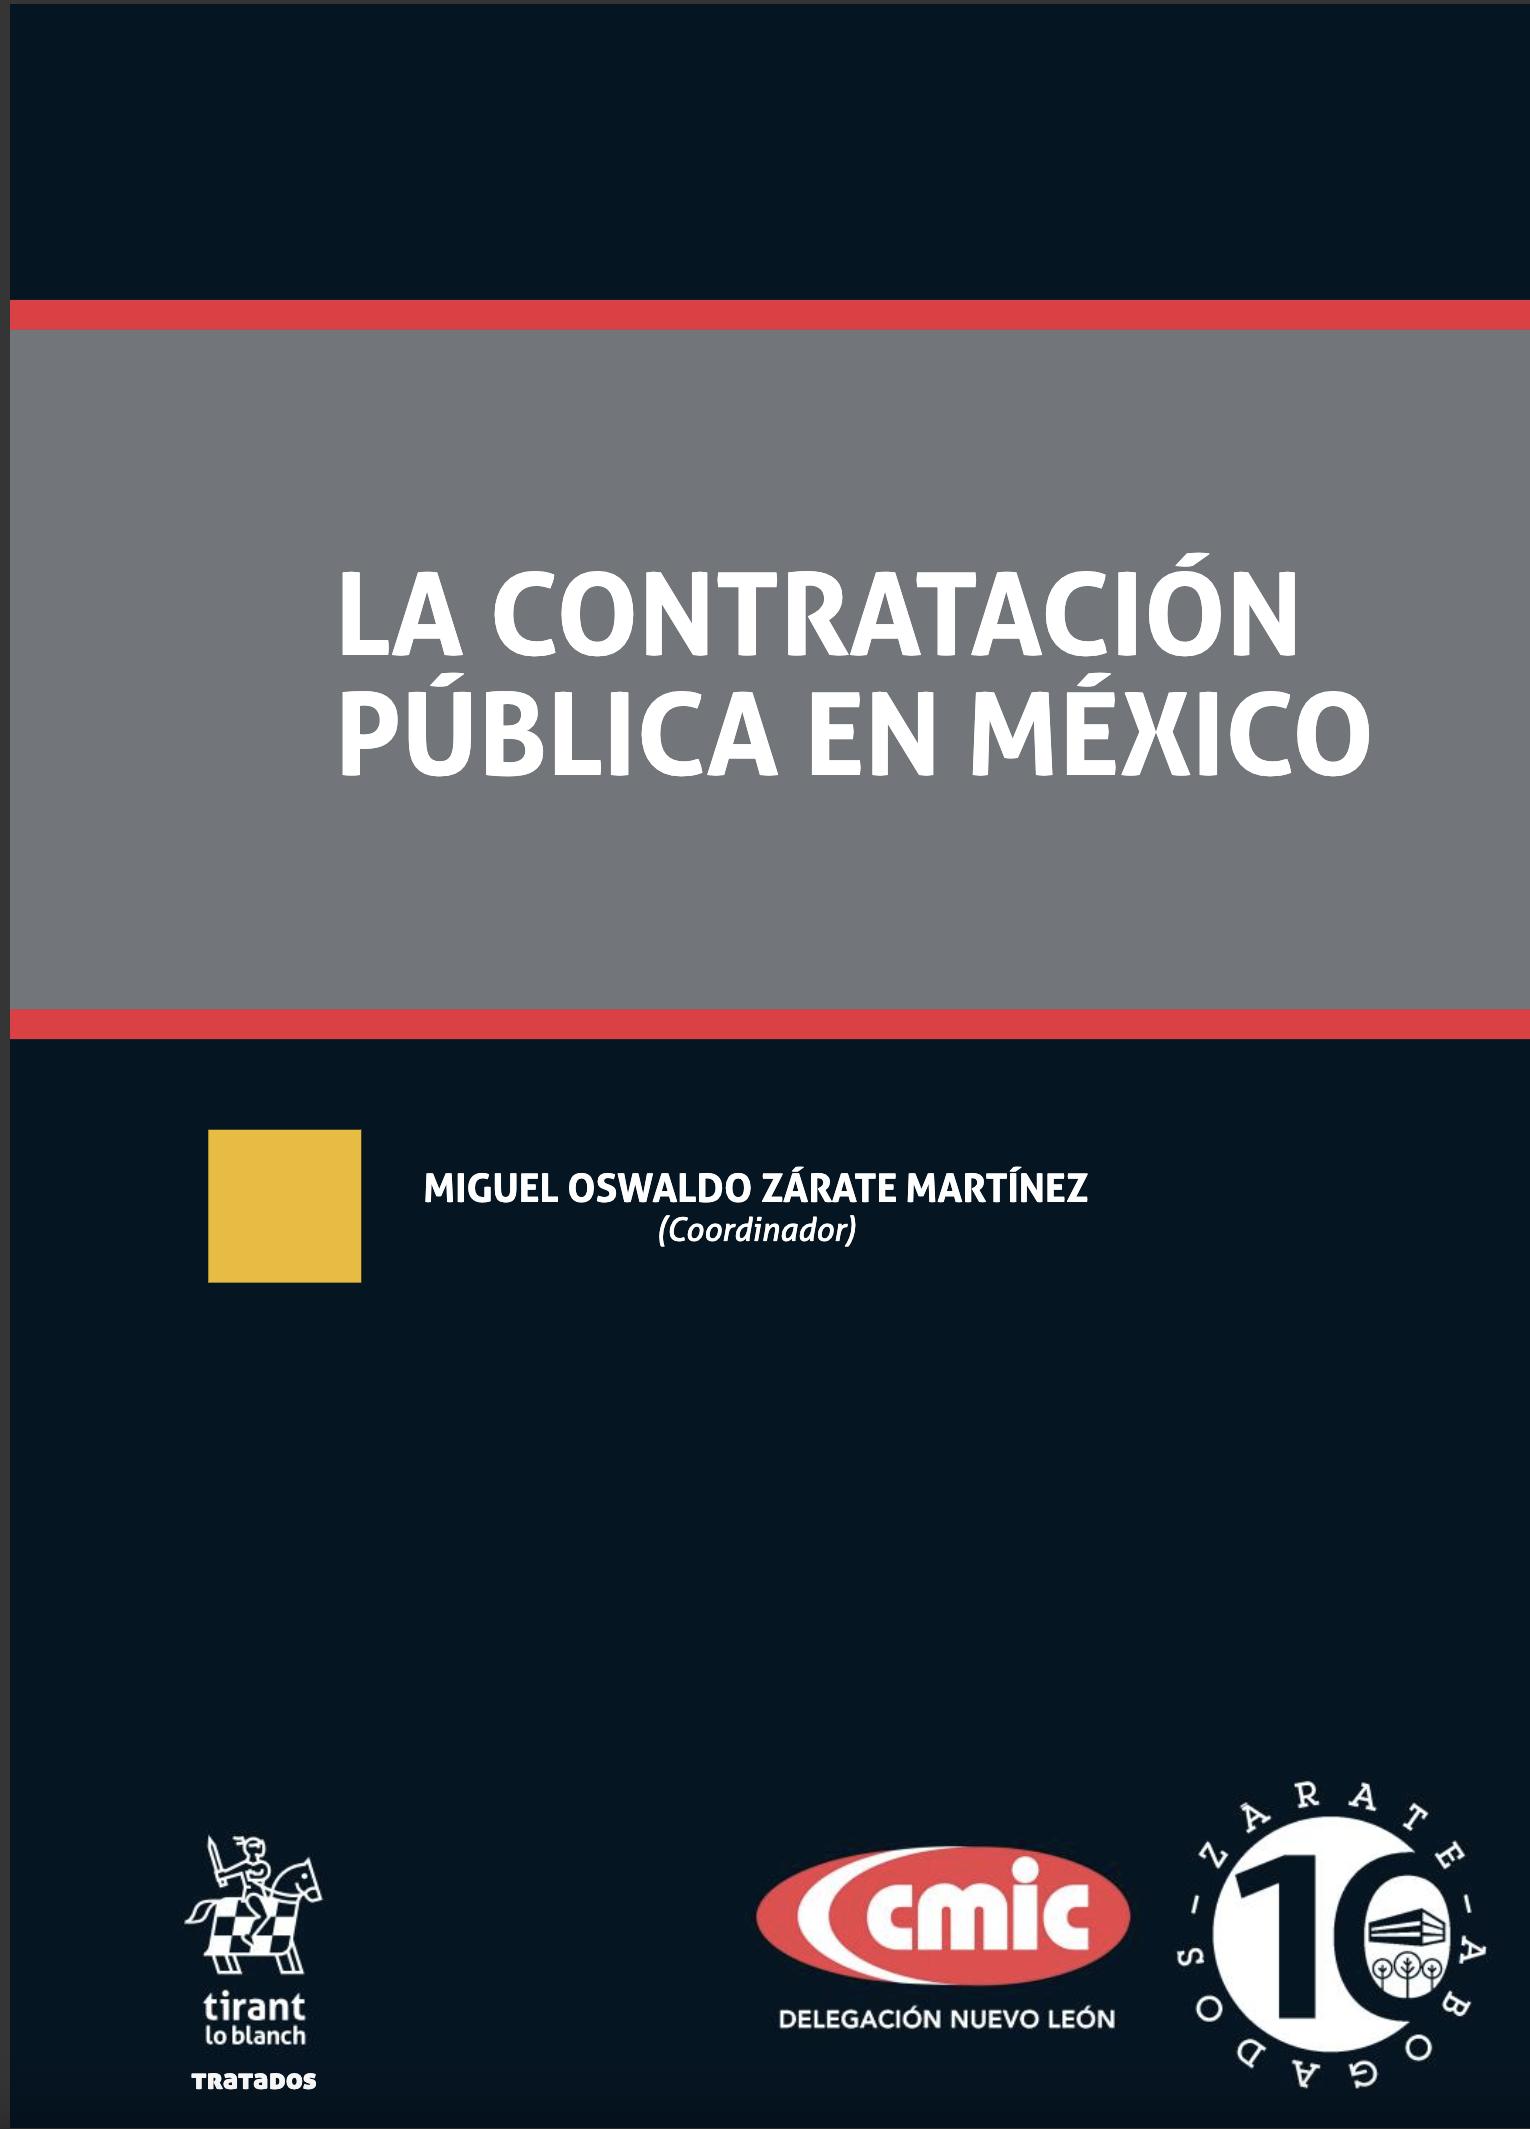 La Contratación Pública en México